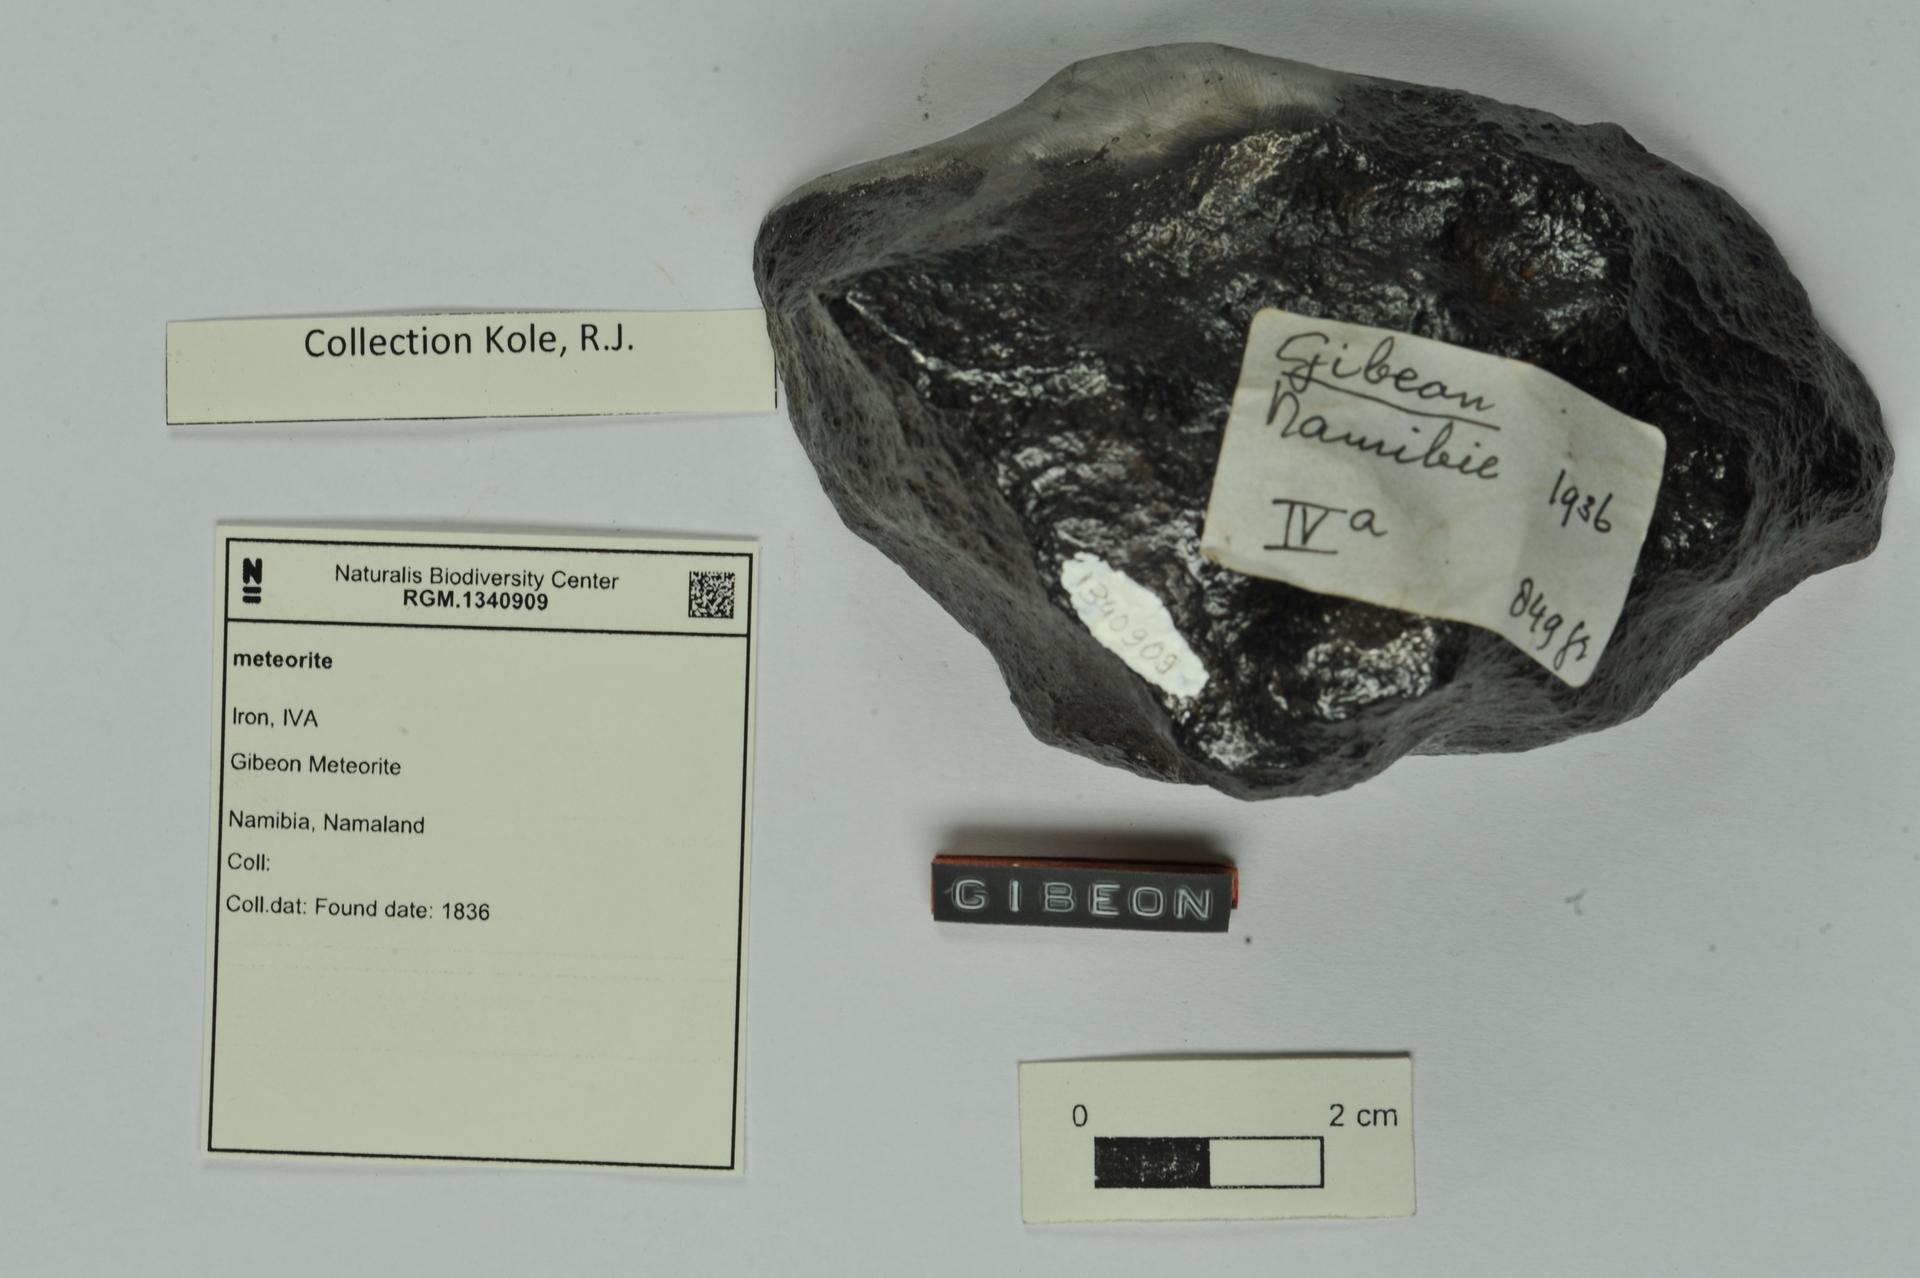 RGM.1340909   Iron, IVA